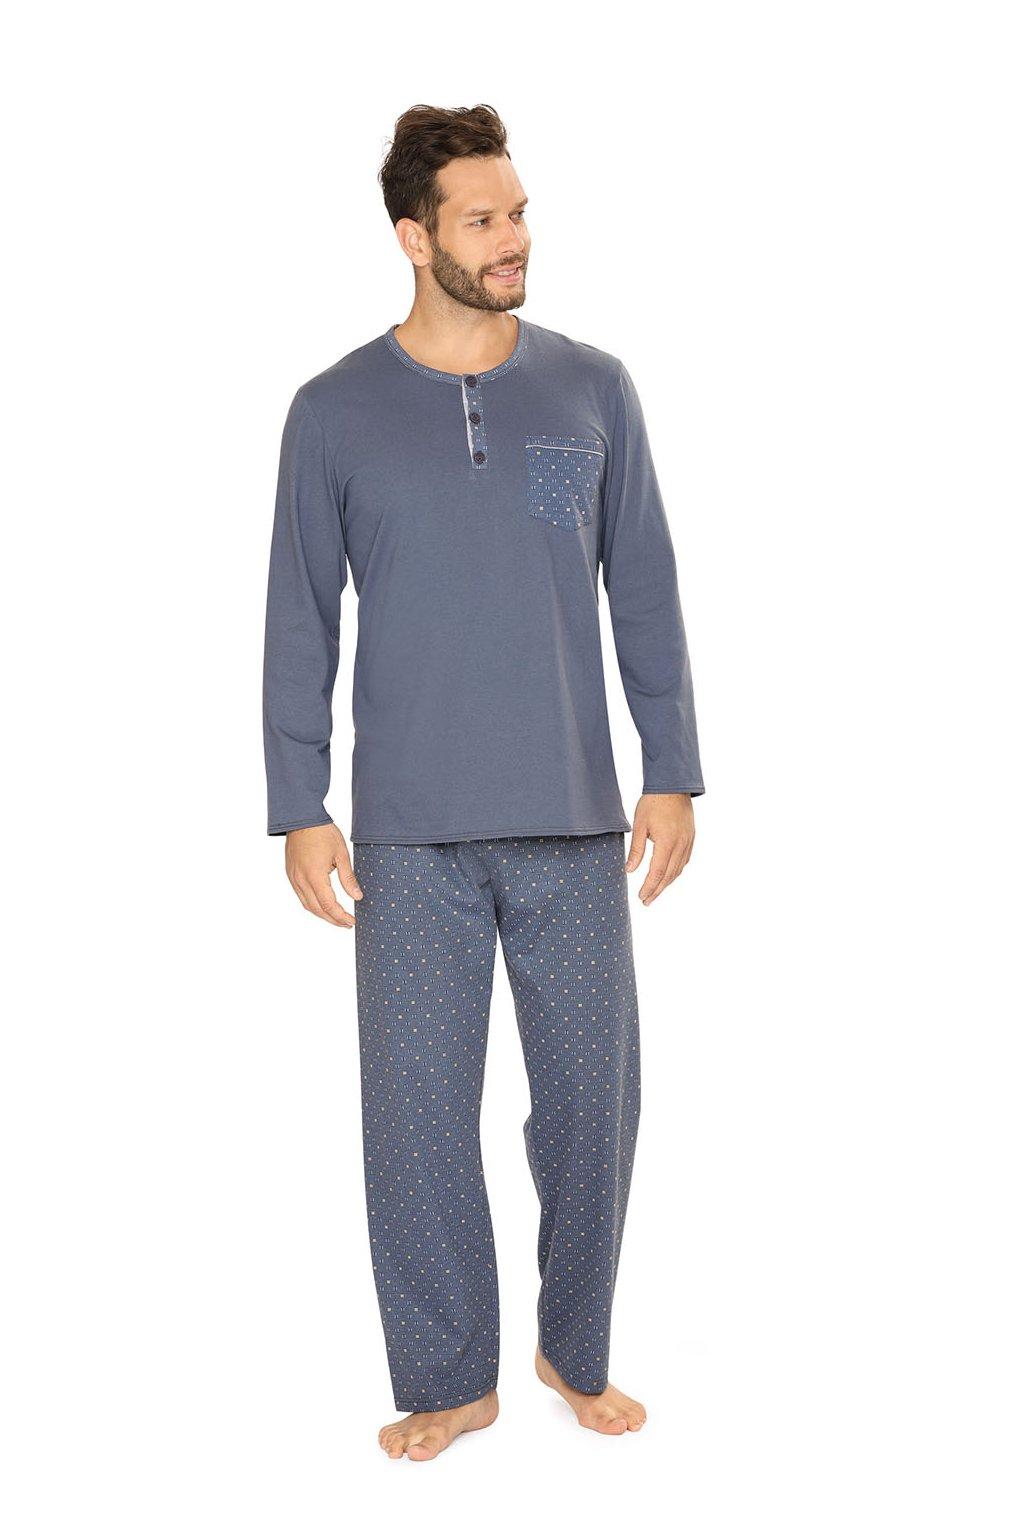 Pánské pyžamo s dlouhým rukávem, 204134 238, modrá